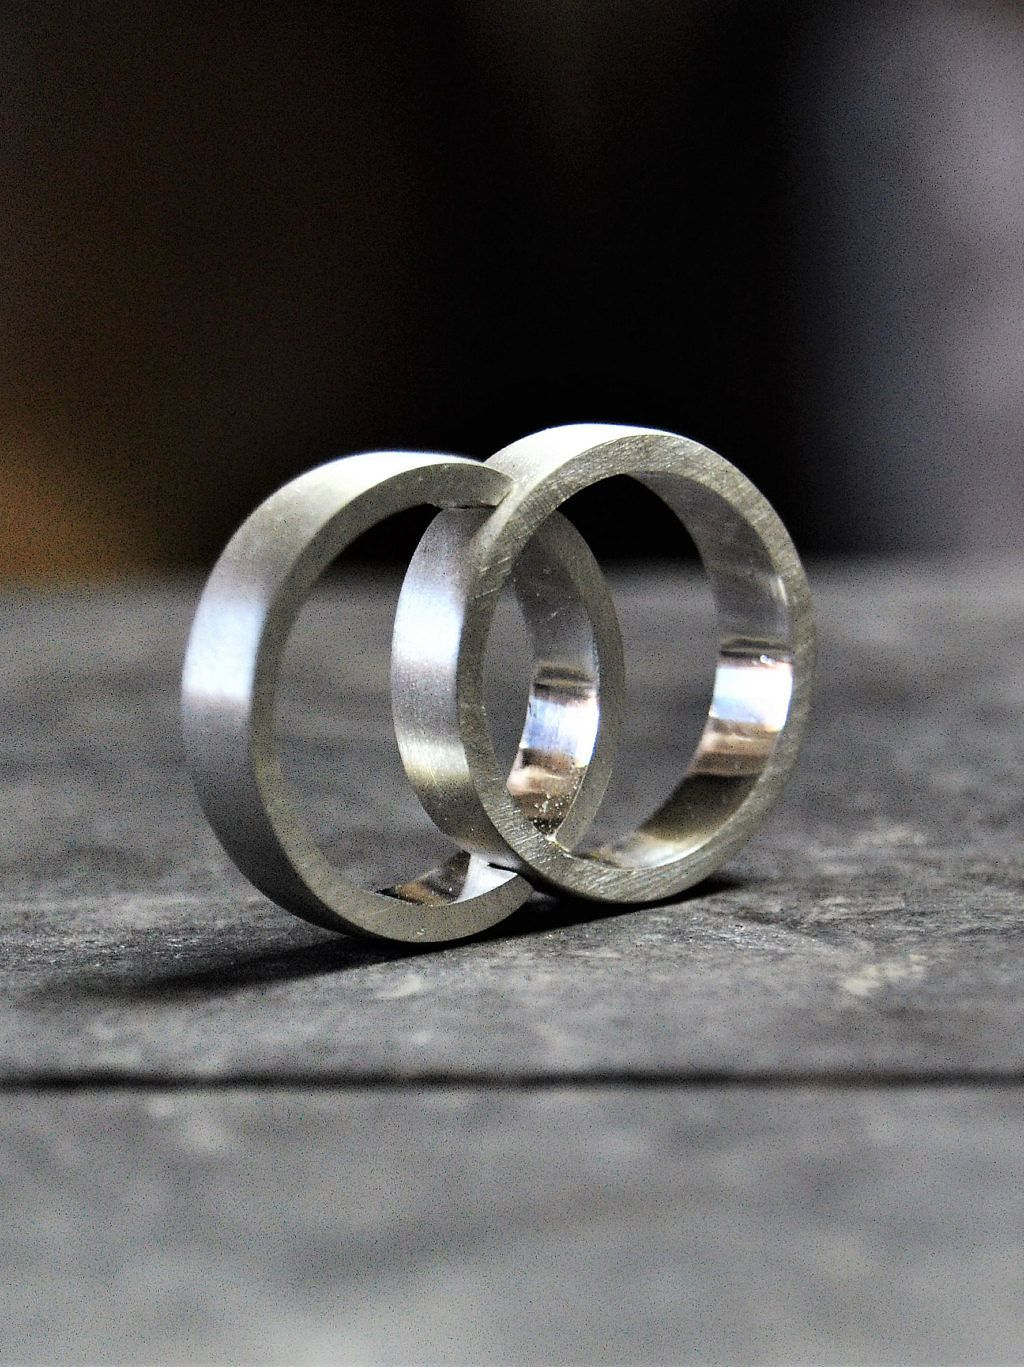 Anillos plateados de matrimonio - Anillos de compromiso sencillos ...